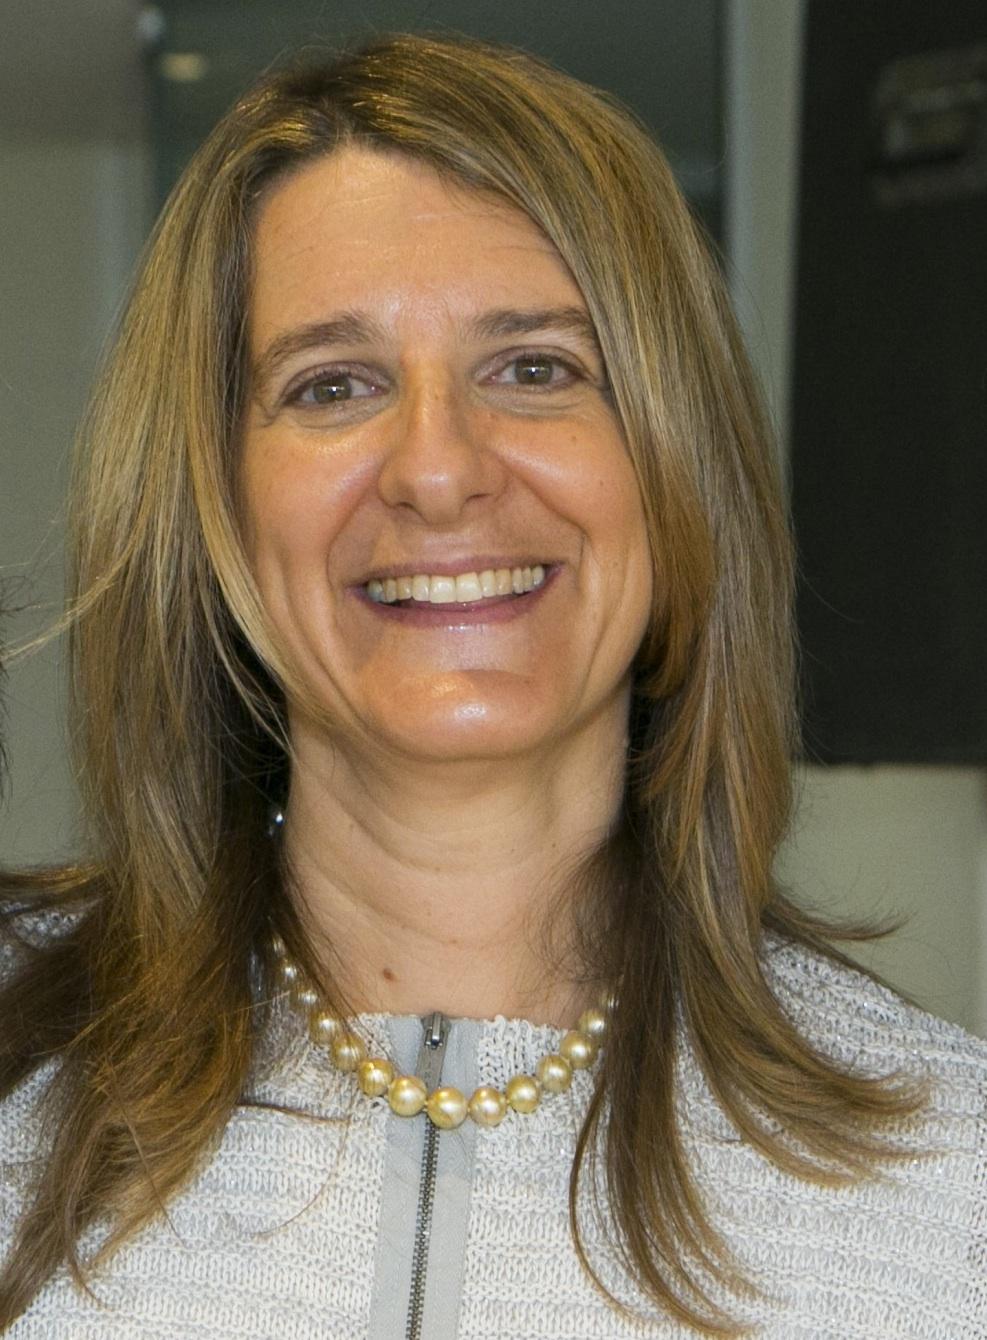 Shira Sebban